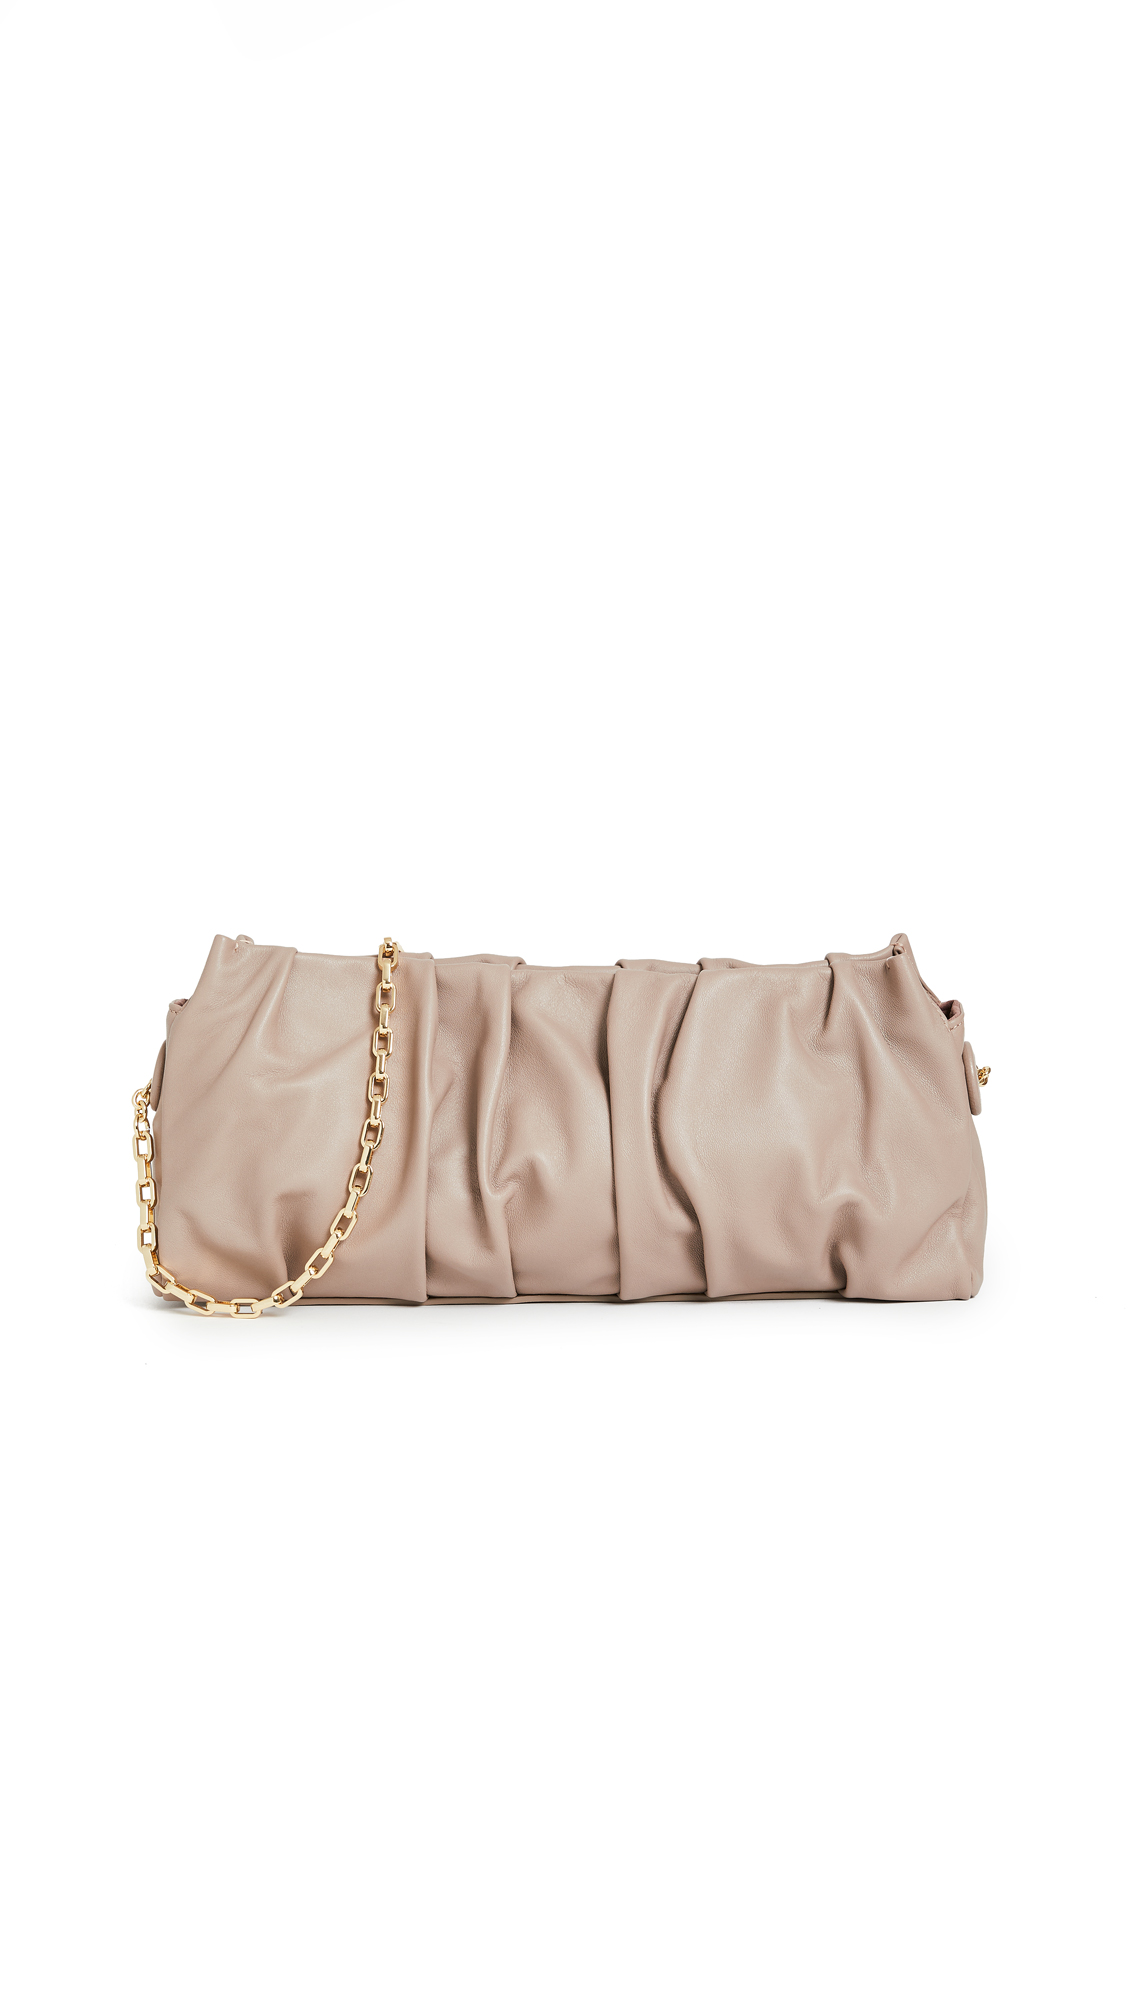 Elleme Long Vague Bag with Chain